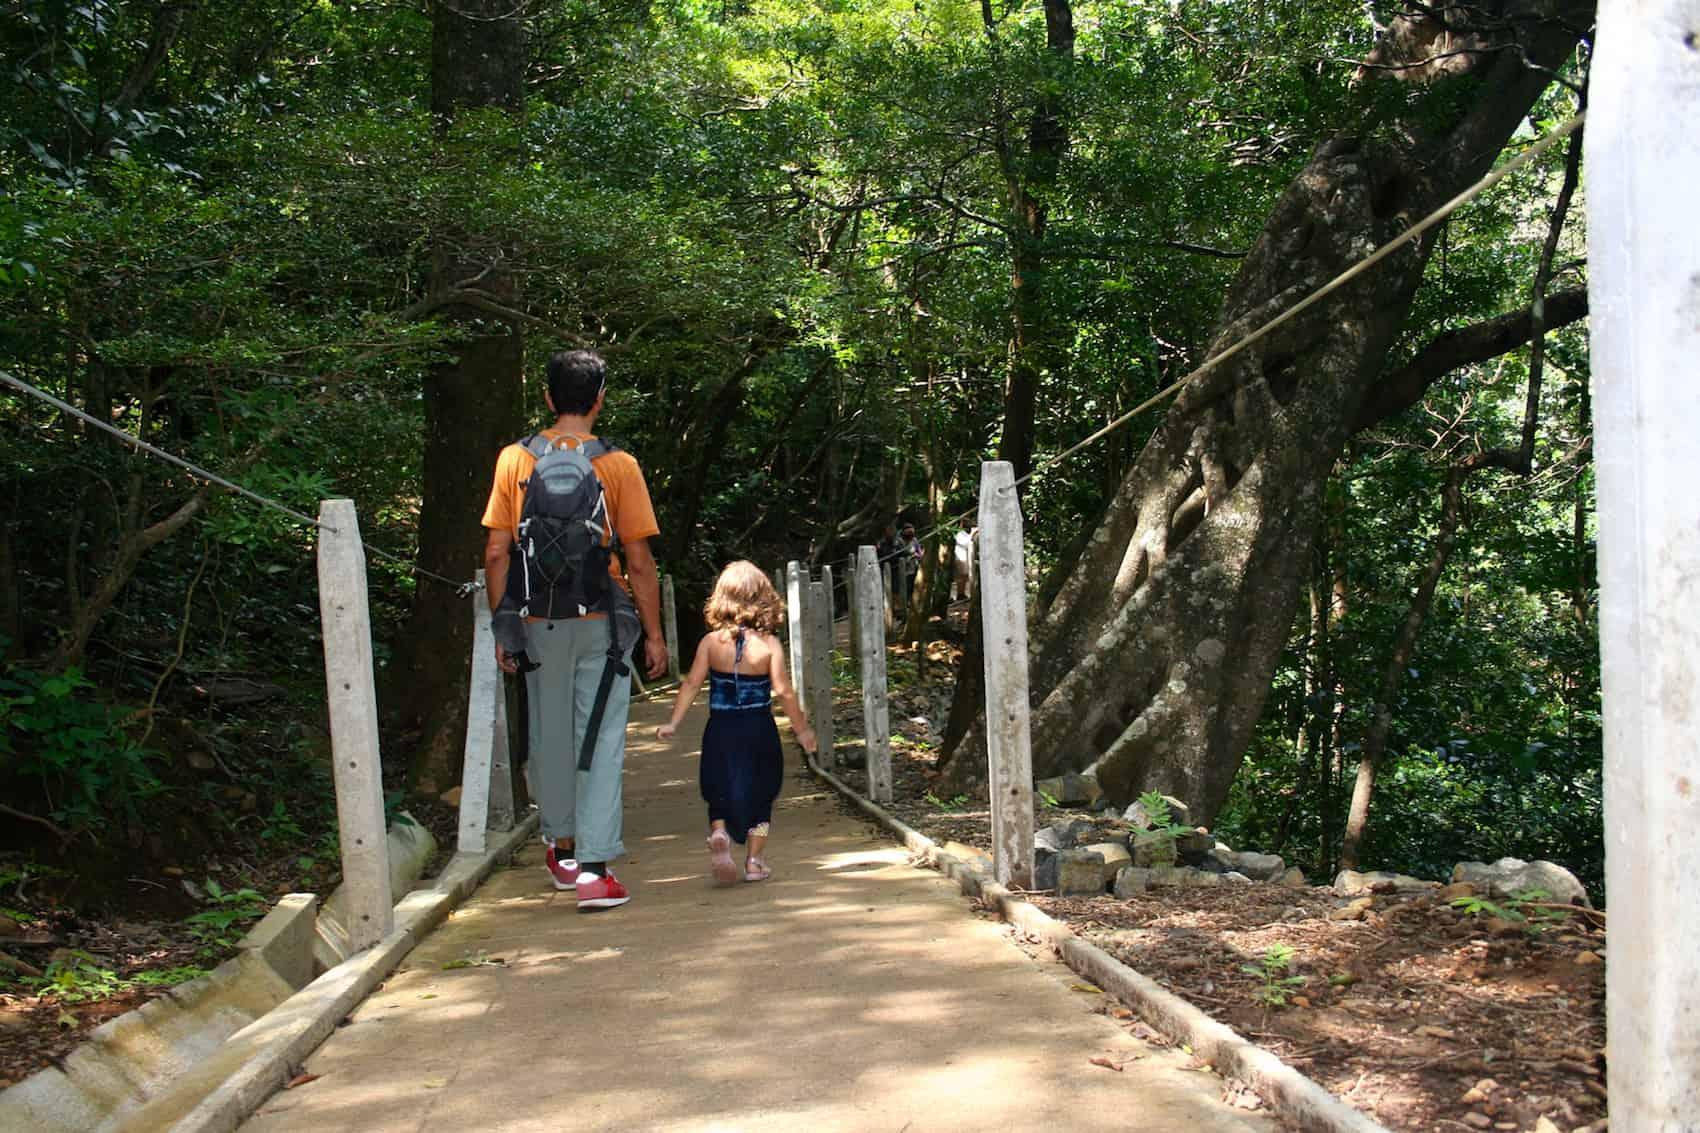 Rincón de la Vieja trail